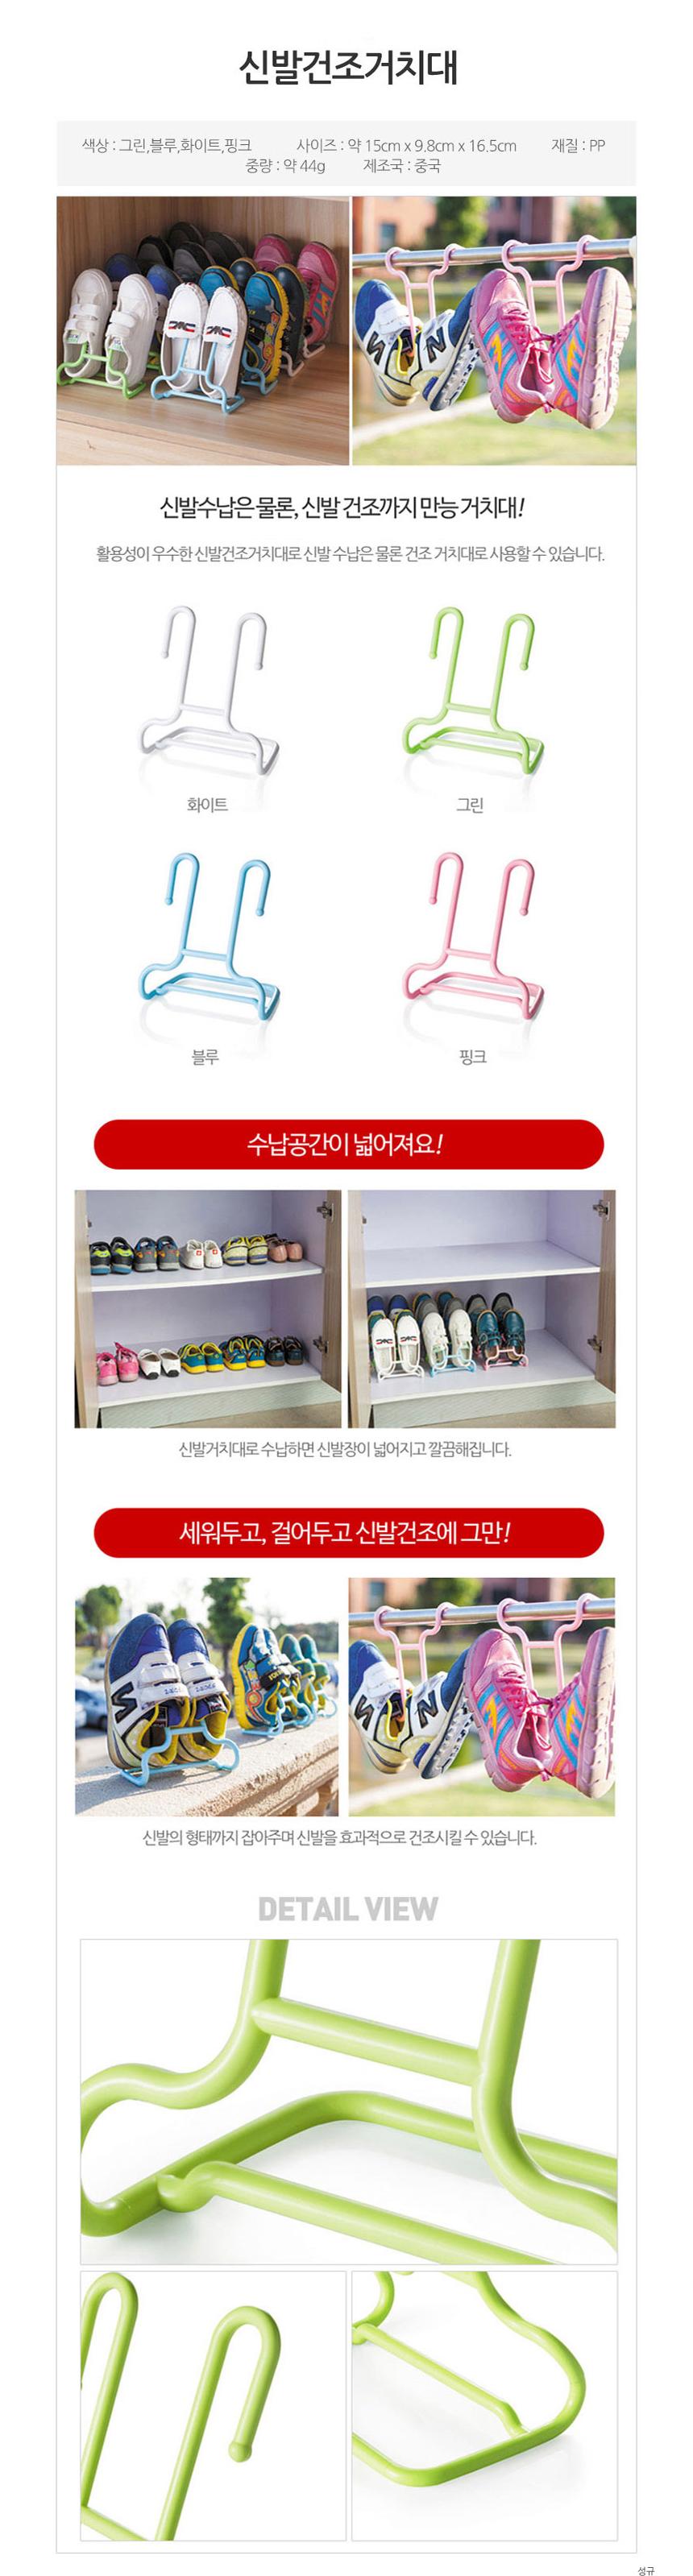 아동용 신발 정리거치대 4P - 이케이몰, 7,200원, 수납/선반장, 신발정리대/신발장